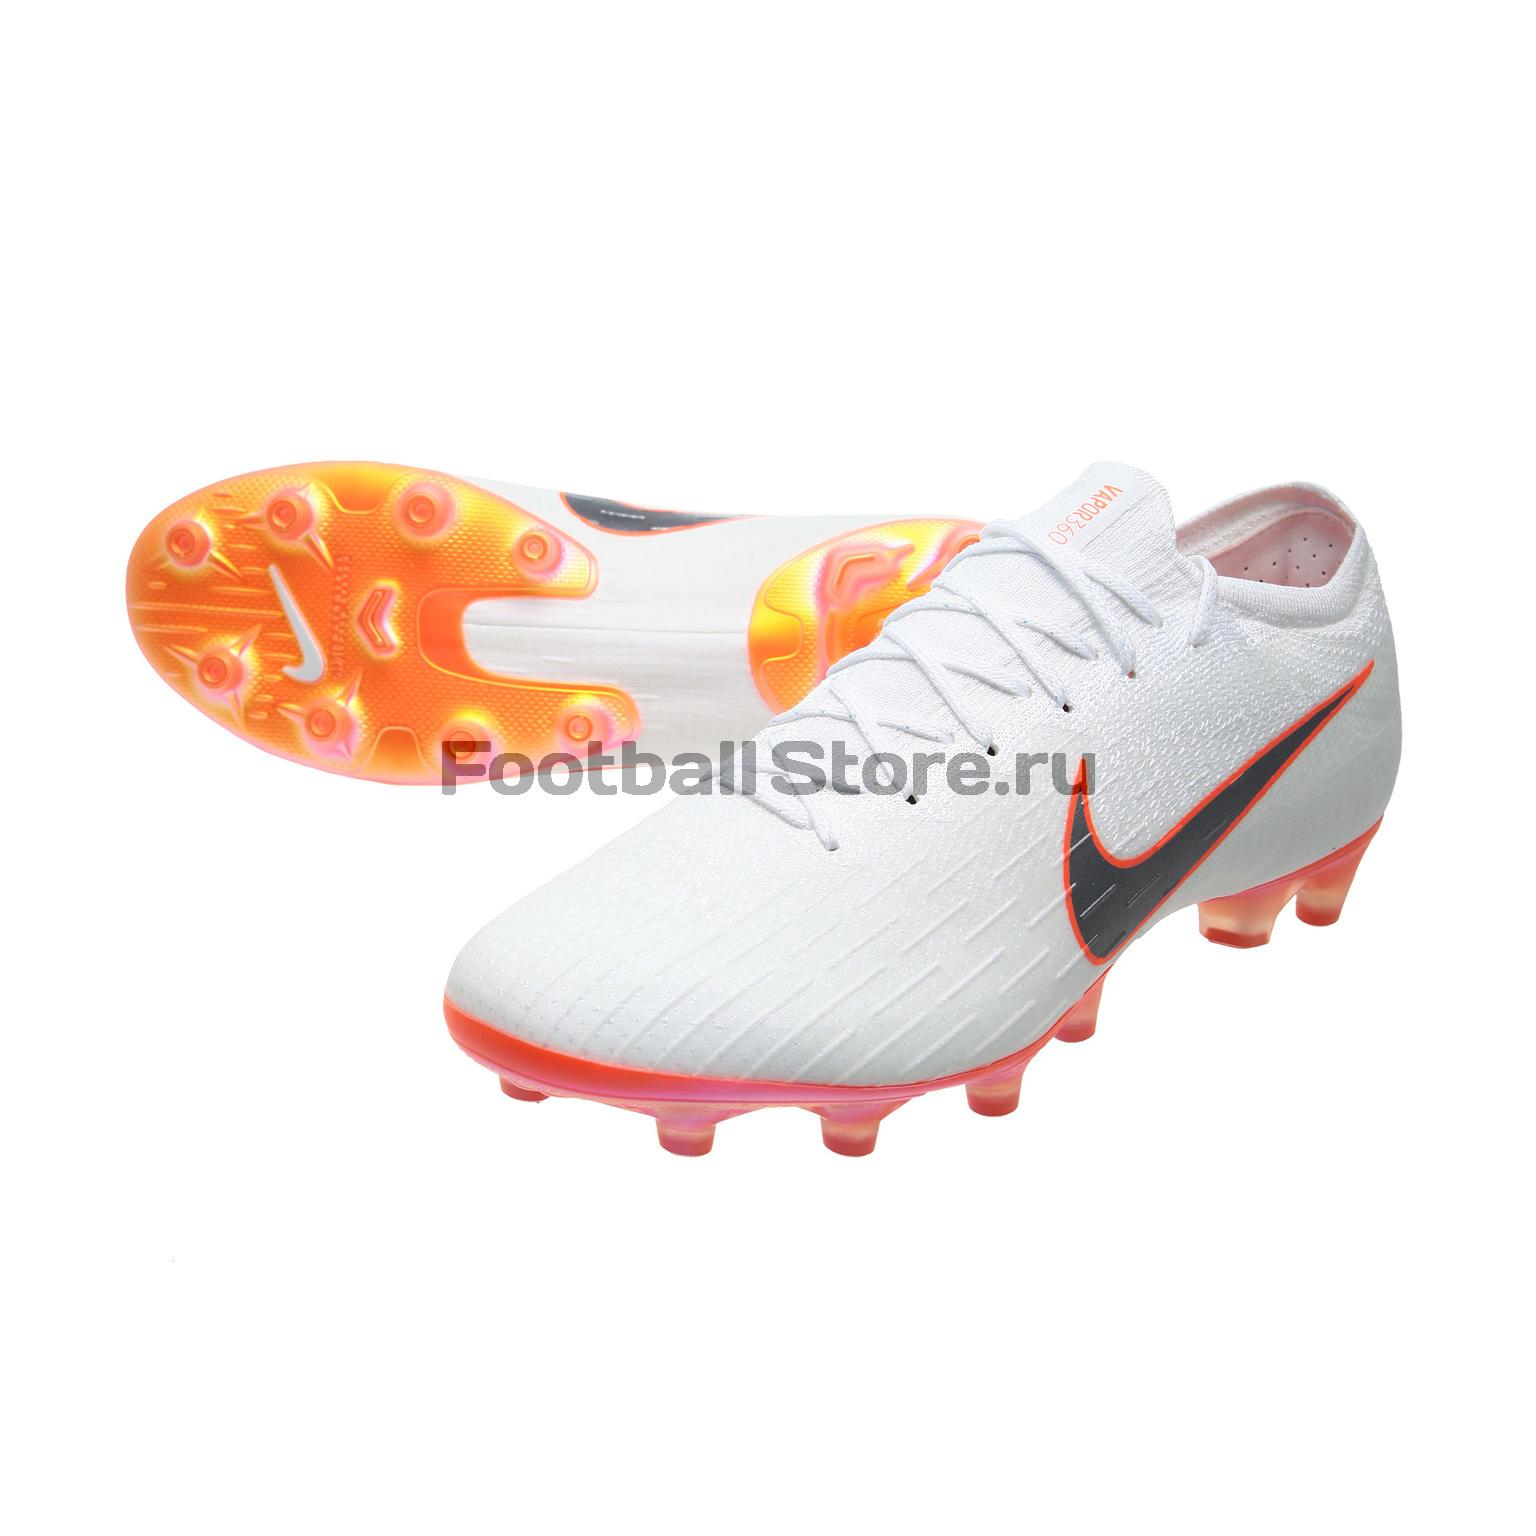 Бутсы Nike Vapor 12 Elite AG-Pro AH7379-107 игровые бутсы nike бутсы nike mercurial vapor xi cr7 ag pro 878647 001